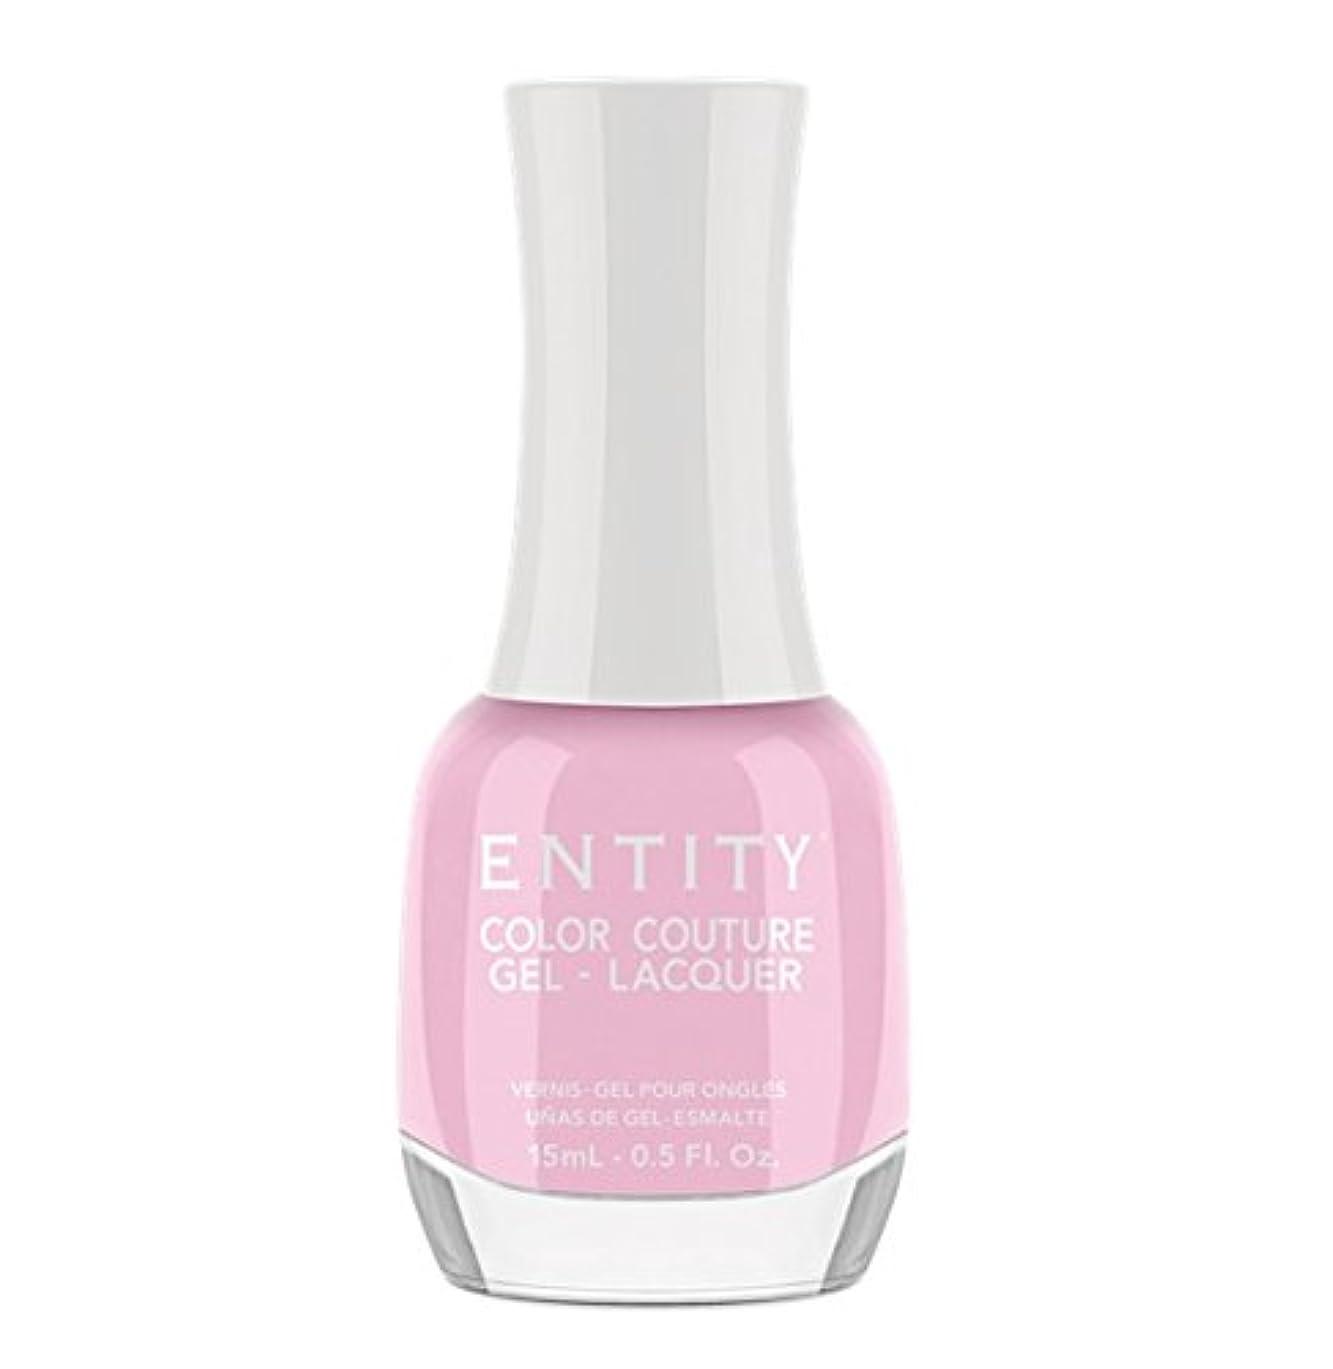 資本主義条件付き多くの危険がある状況Entity Color Couture Gel-Lacquer - Pure Chic - 15 ml/0.5 oz